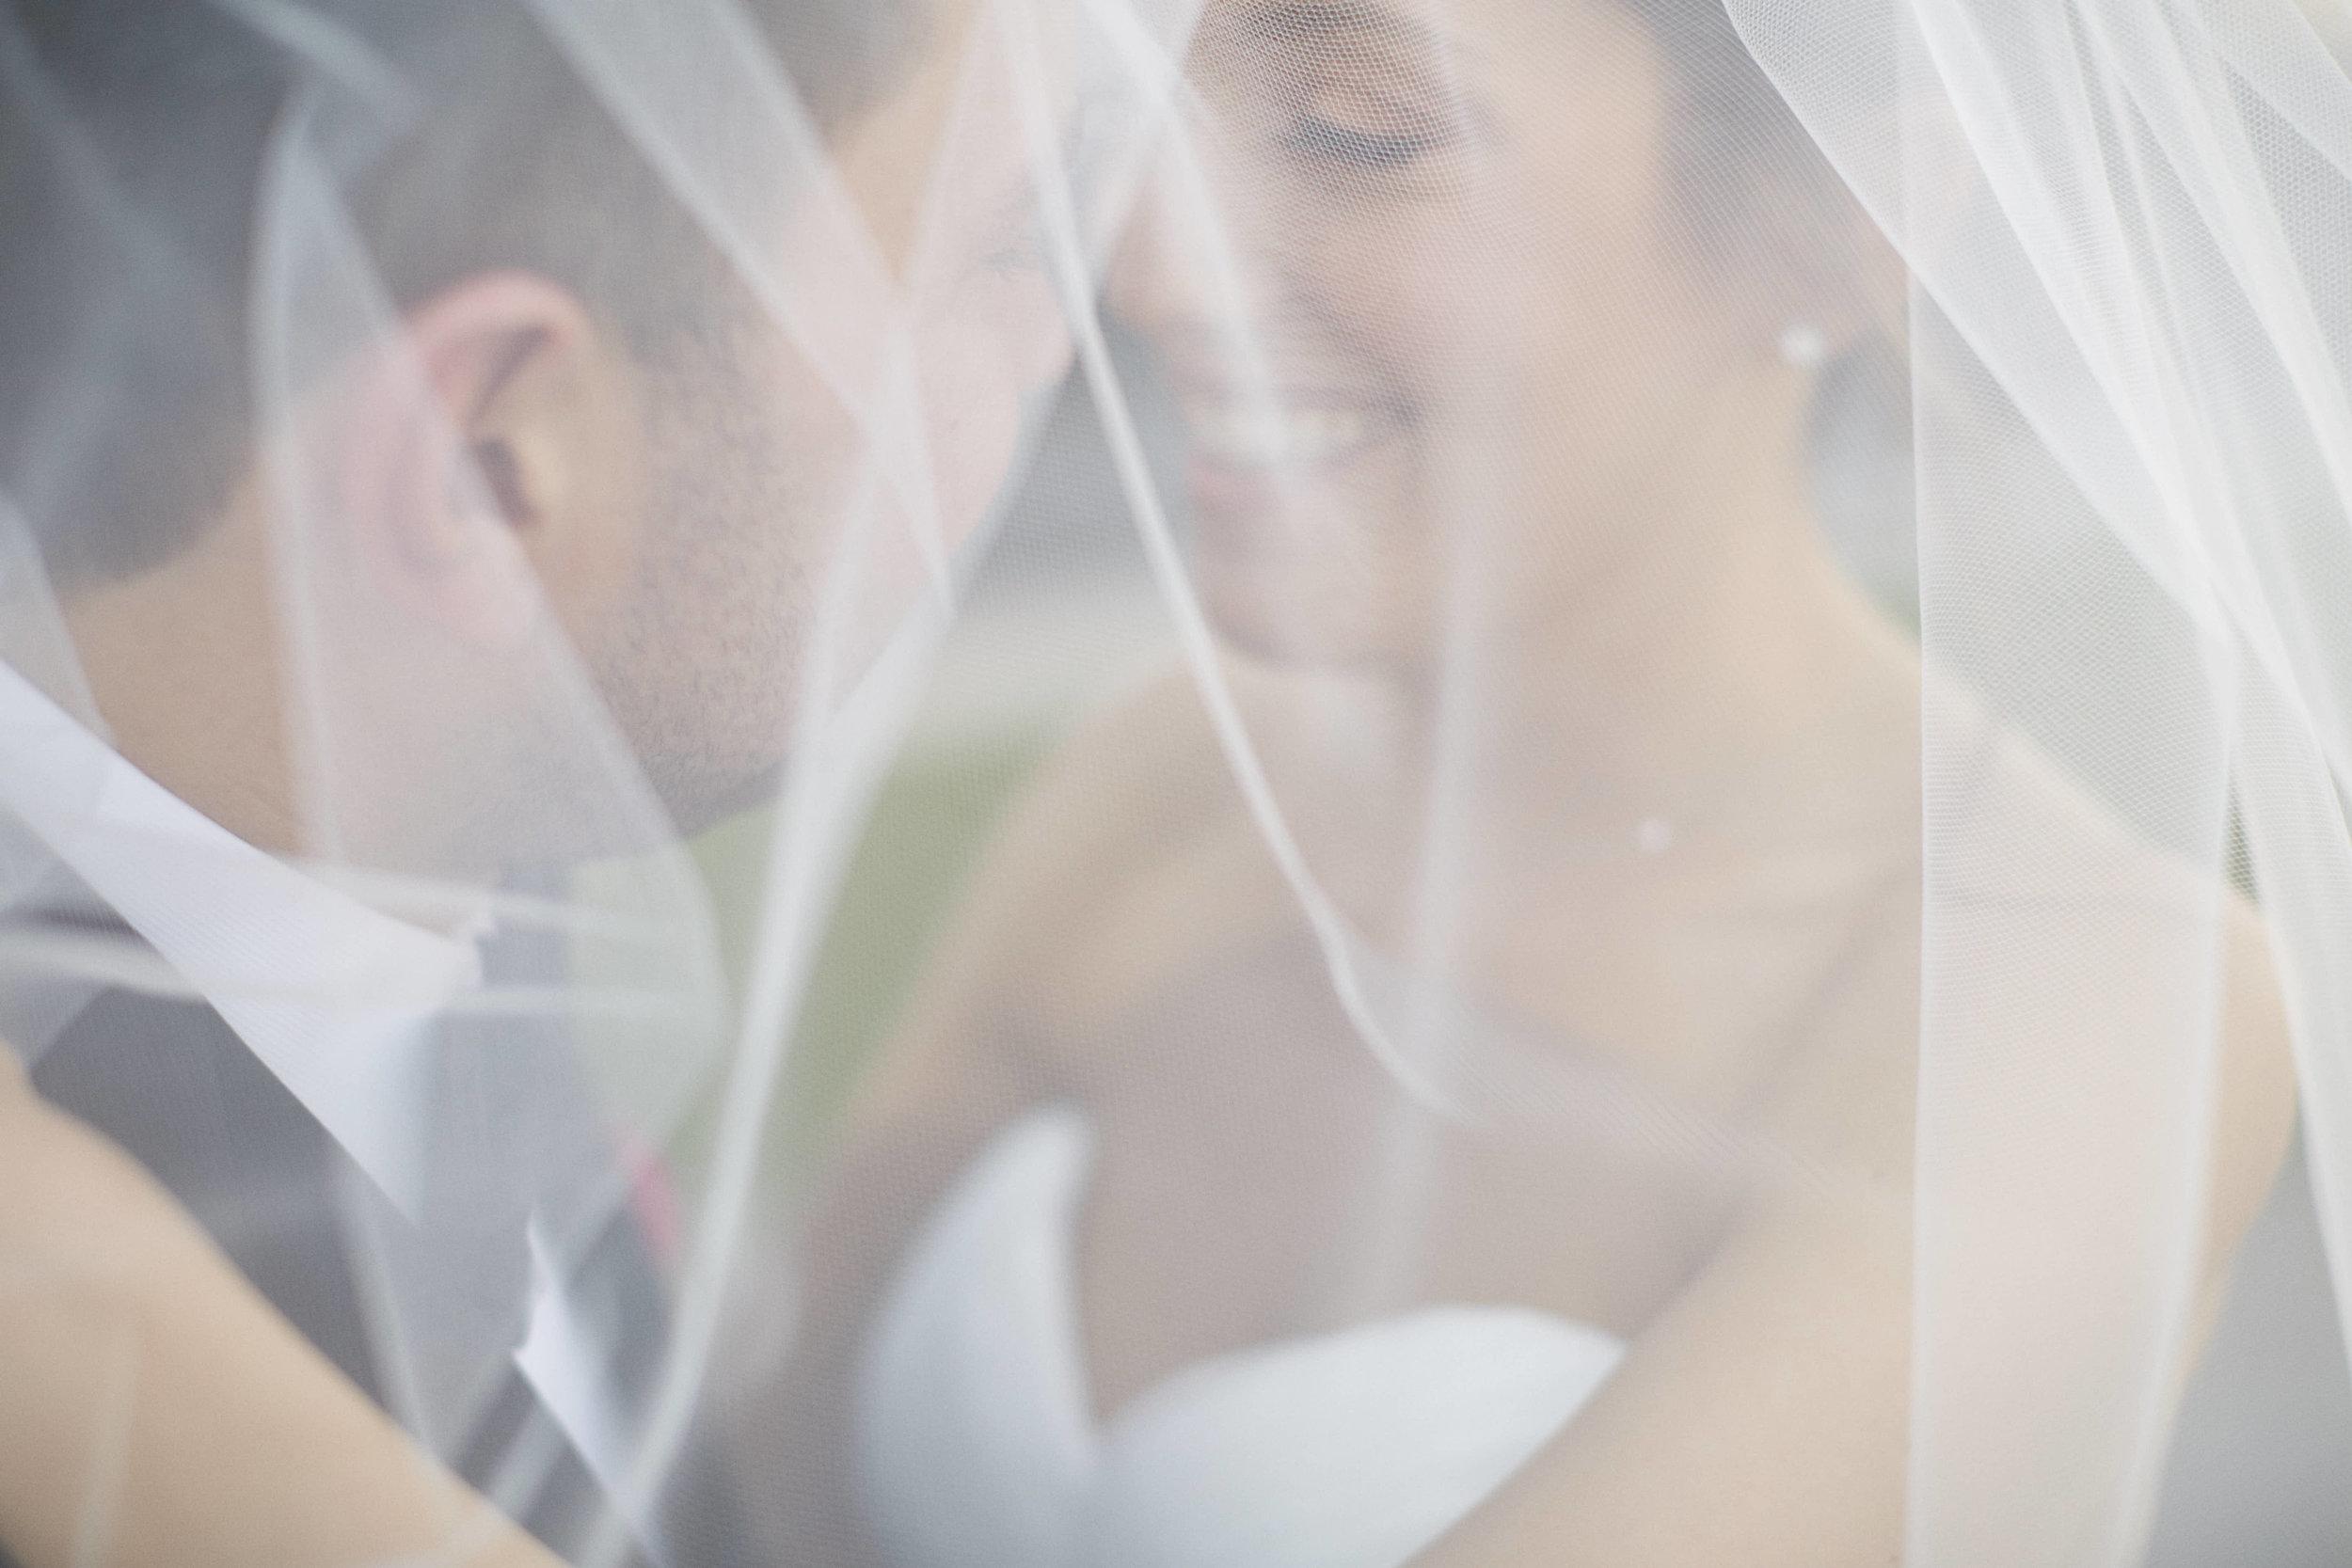 mandarin-oriental-wedding-pink-bowtie-ct